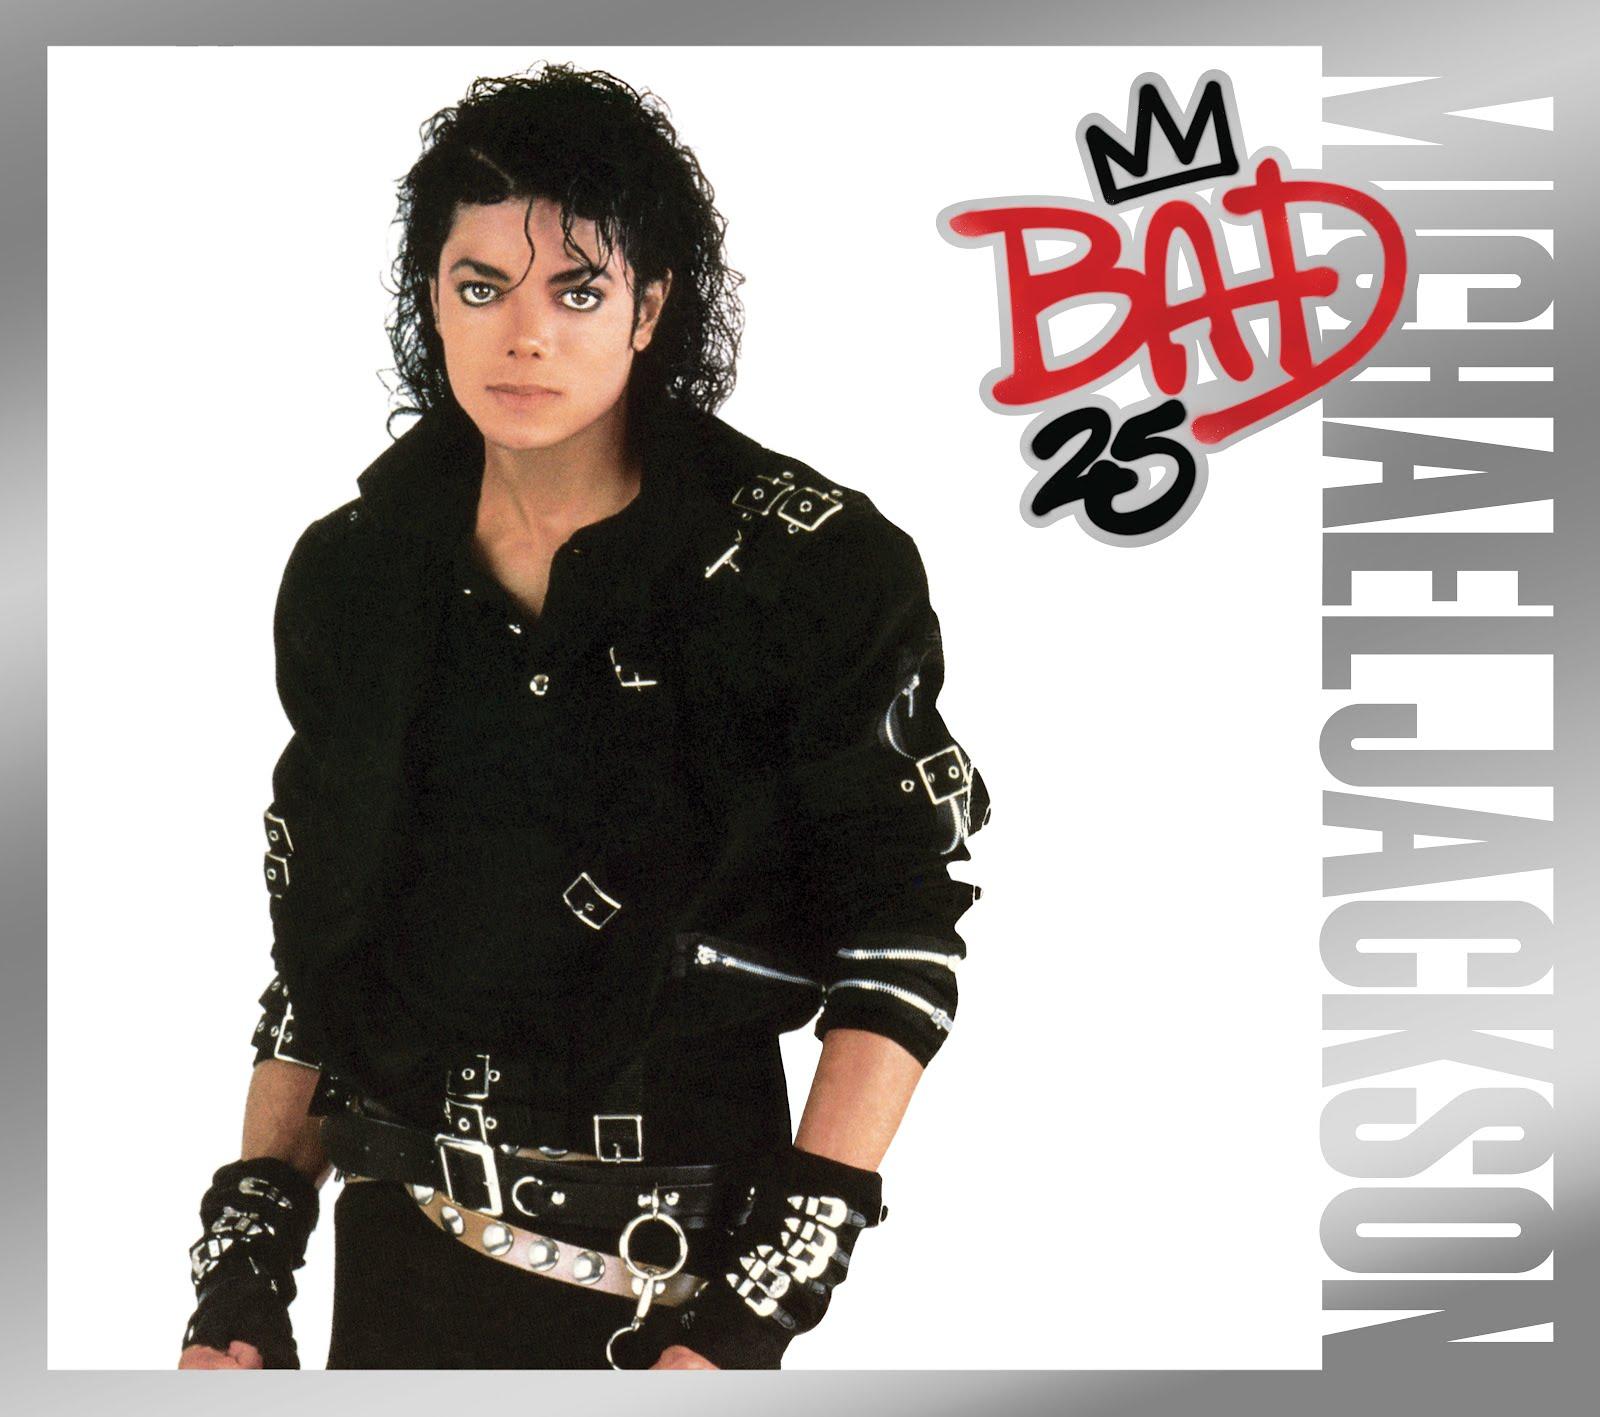 http://2.bp.blogspot.com/-8WyyZqYastc/UDkyiX0N5GI/AAAAAAAAHWU/TVy3oo6-pl8/s1600/Michael+Jackson+Bad+25th+Anniversary.jpg